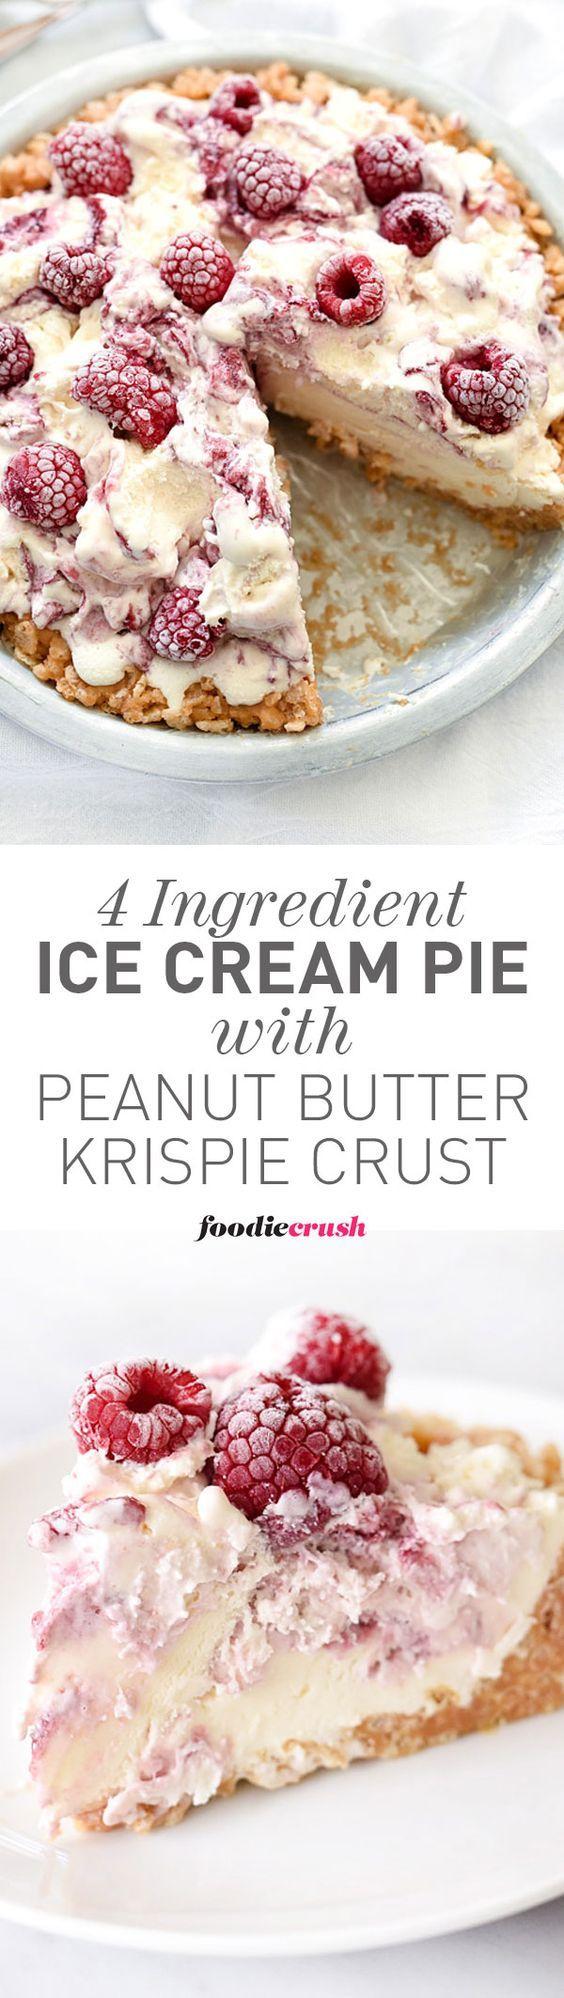 4-ingredient-ice-cream-pie-with-peanut-butter-krispie-crust